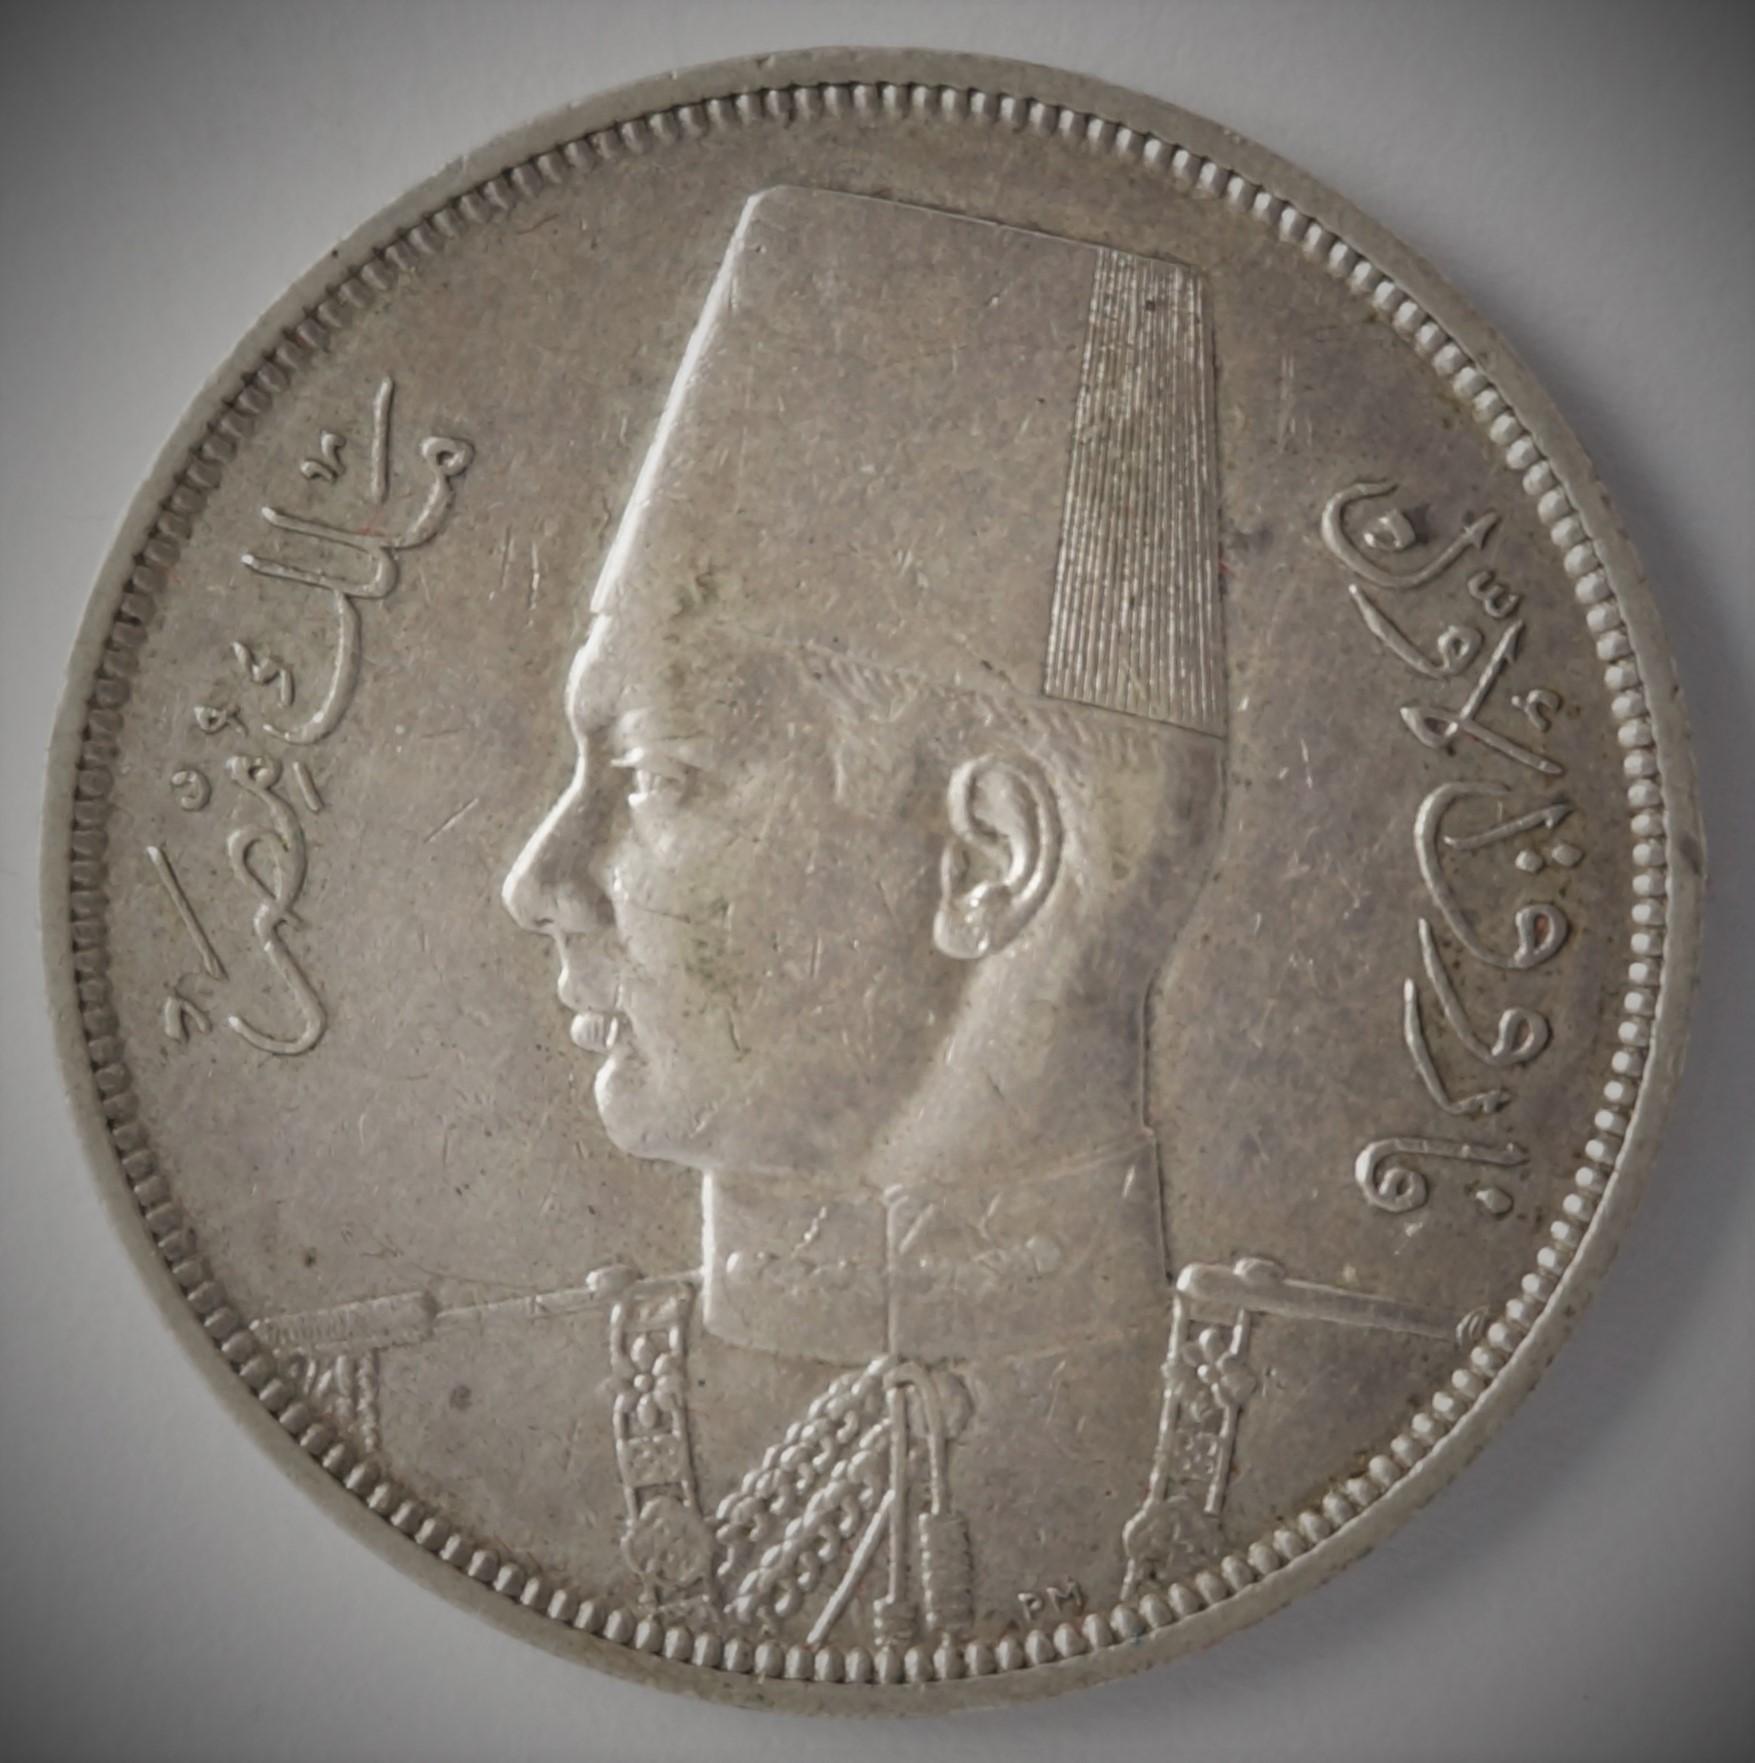 Egypt, 10 piastres 1939 (AH 1358)